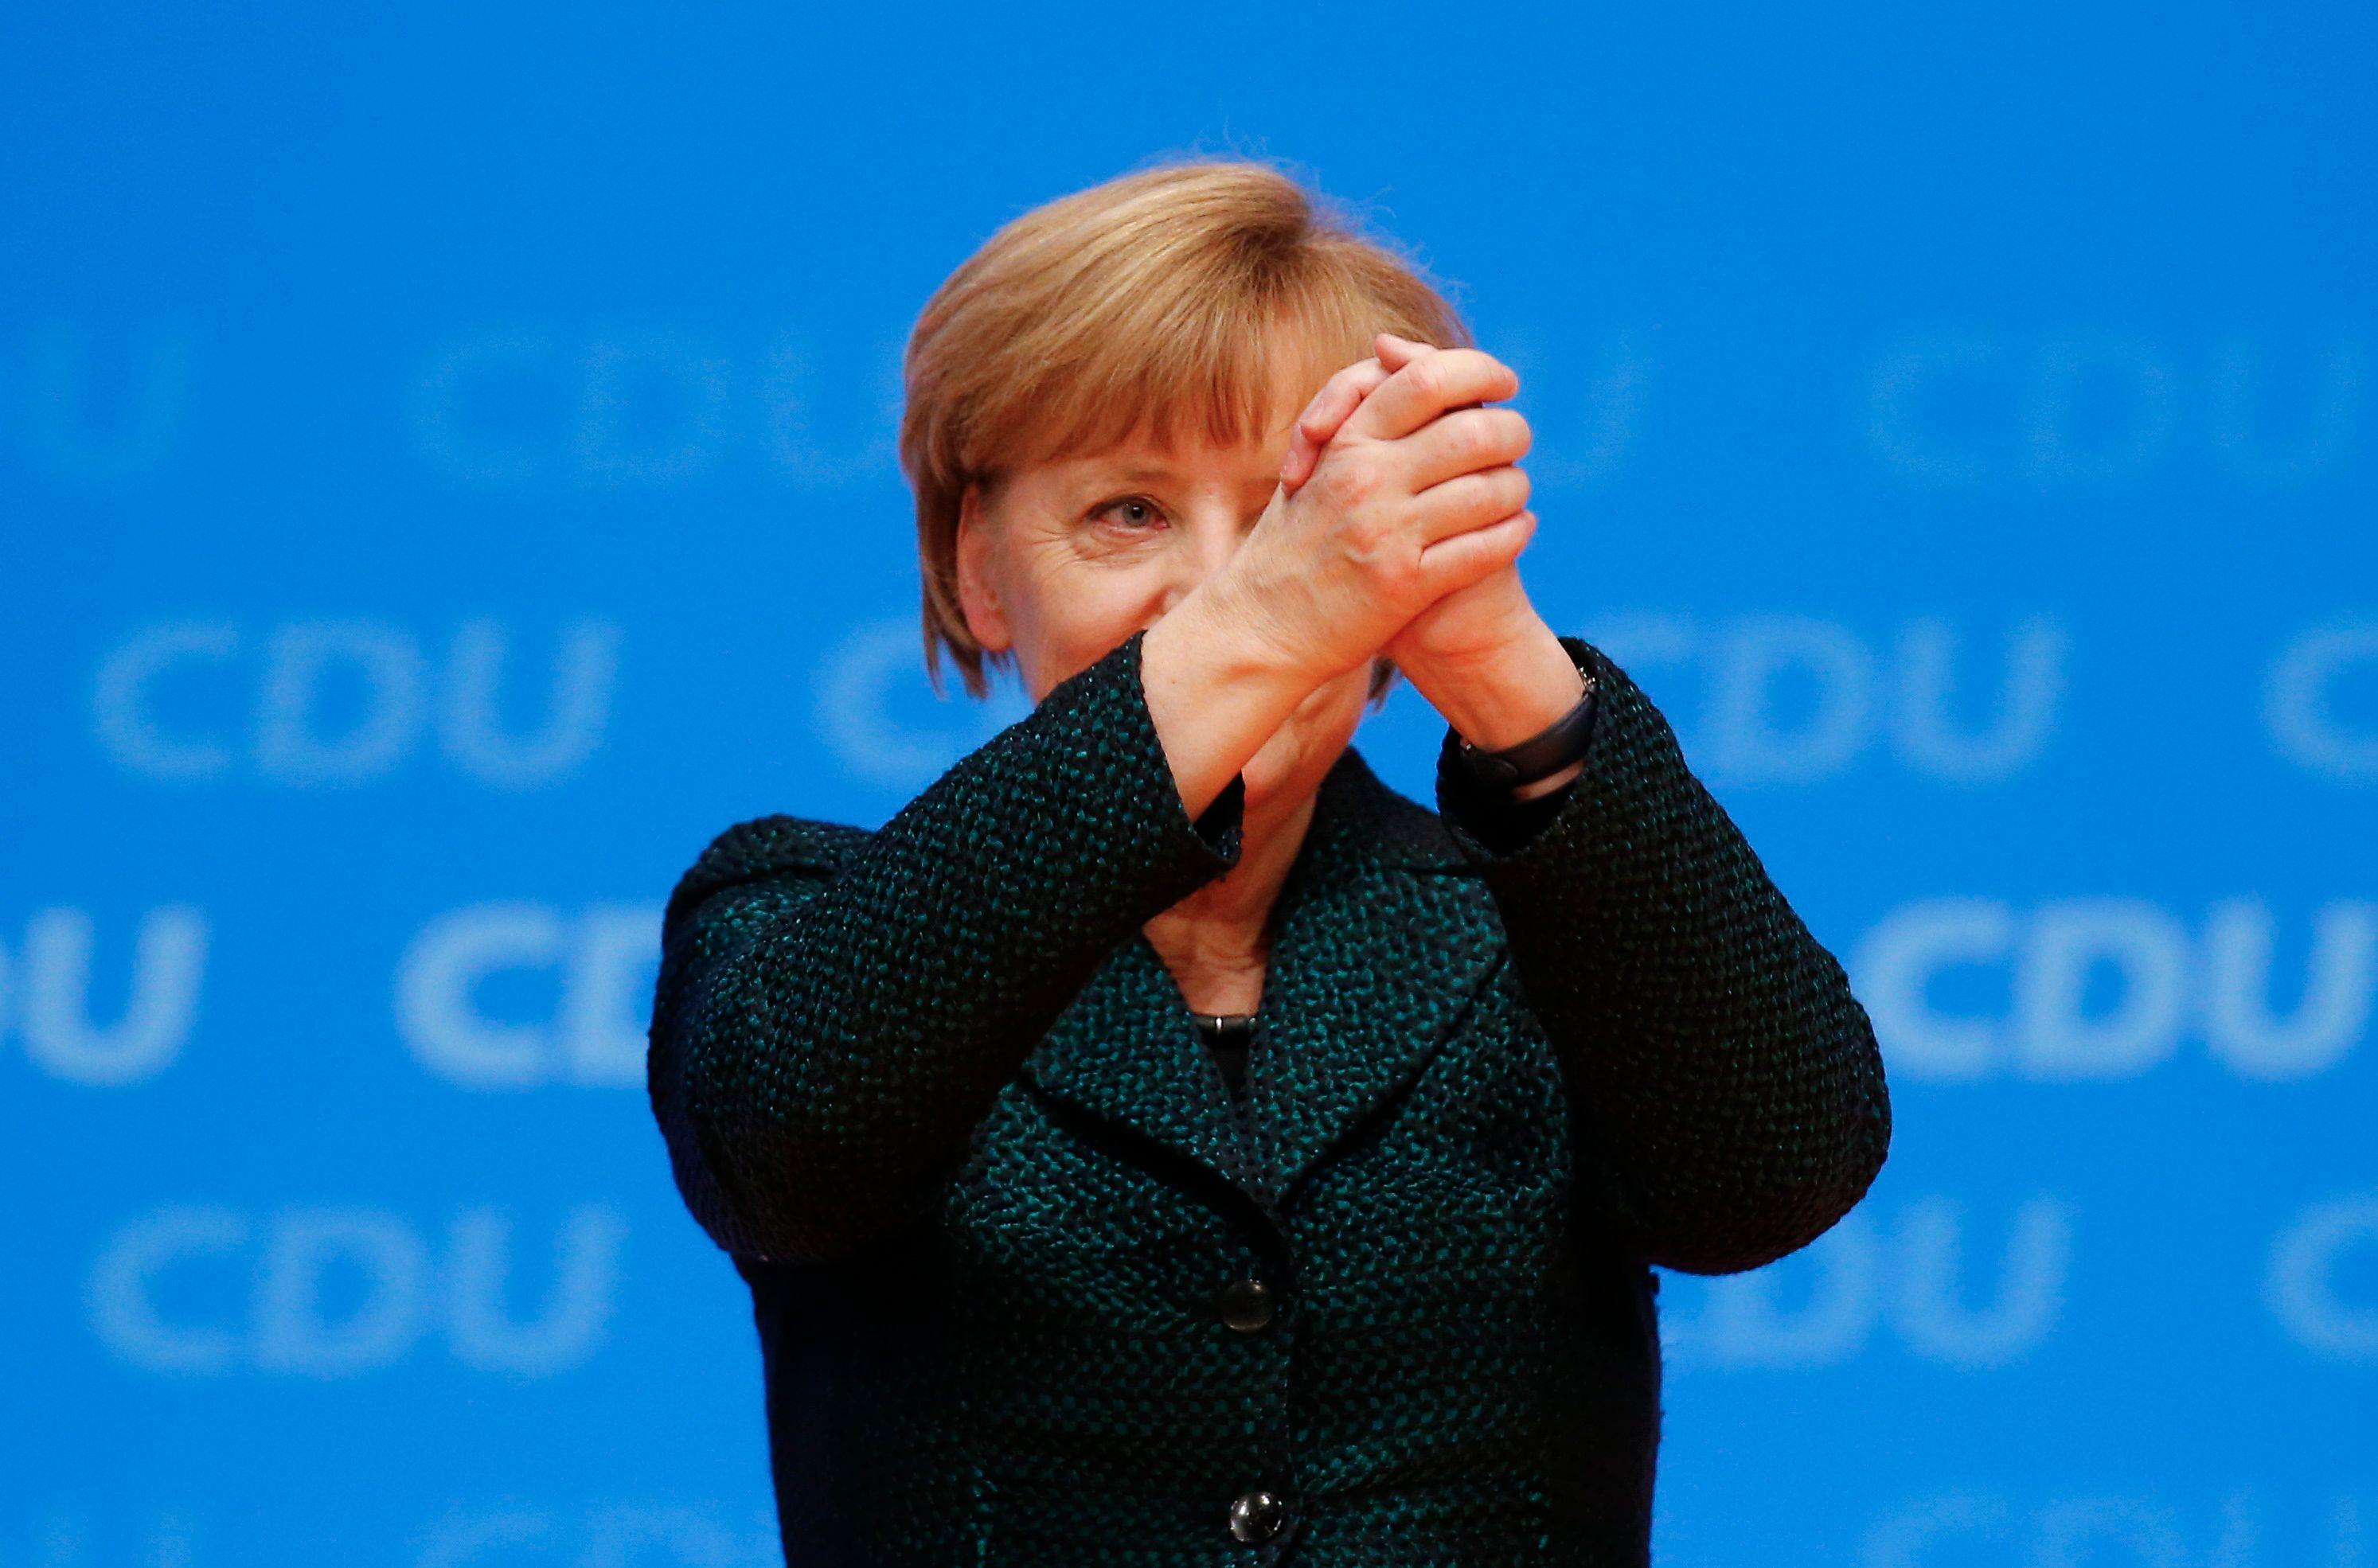 """Crise des migrants : pourquoi Marine Le Pen peut dire """"Danke schön Frau Merkel"""""""